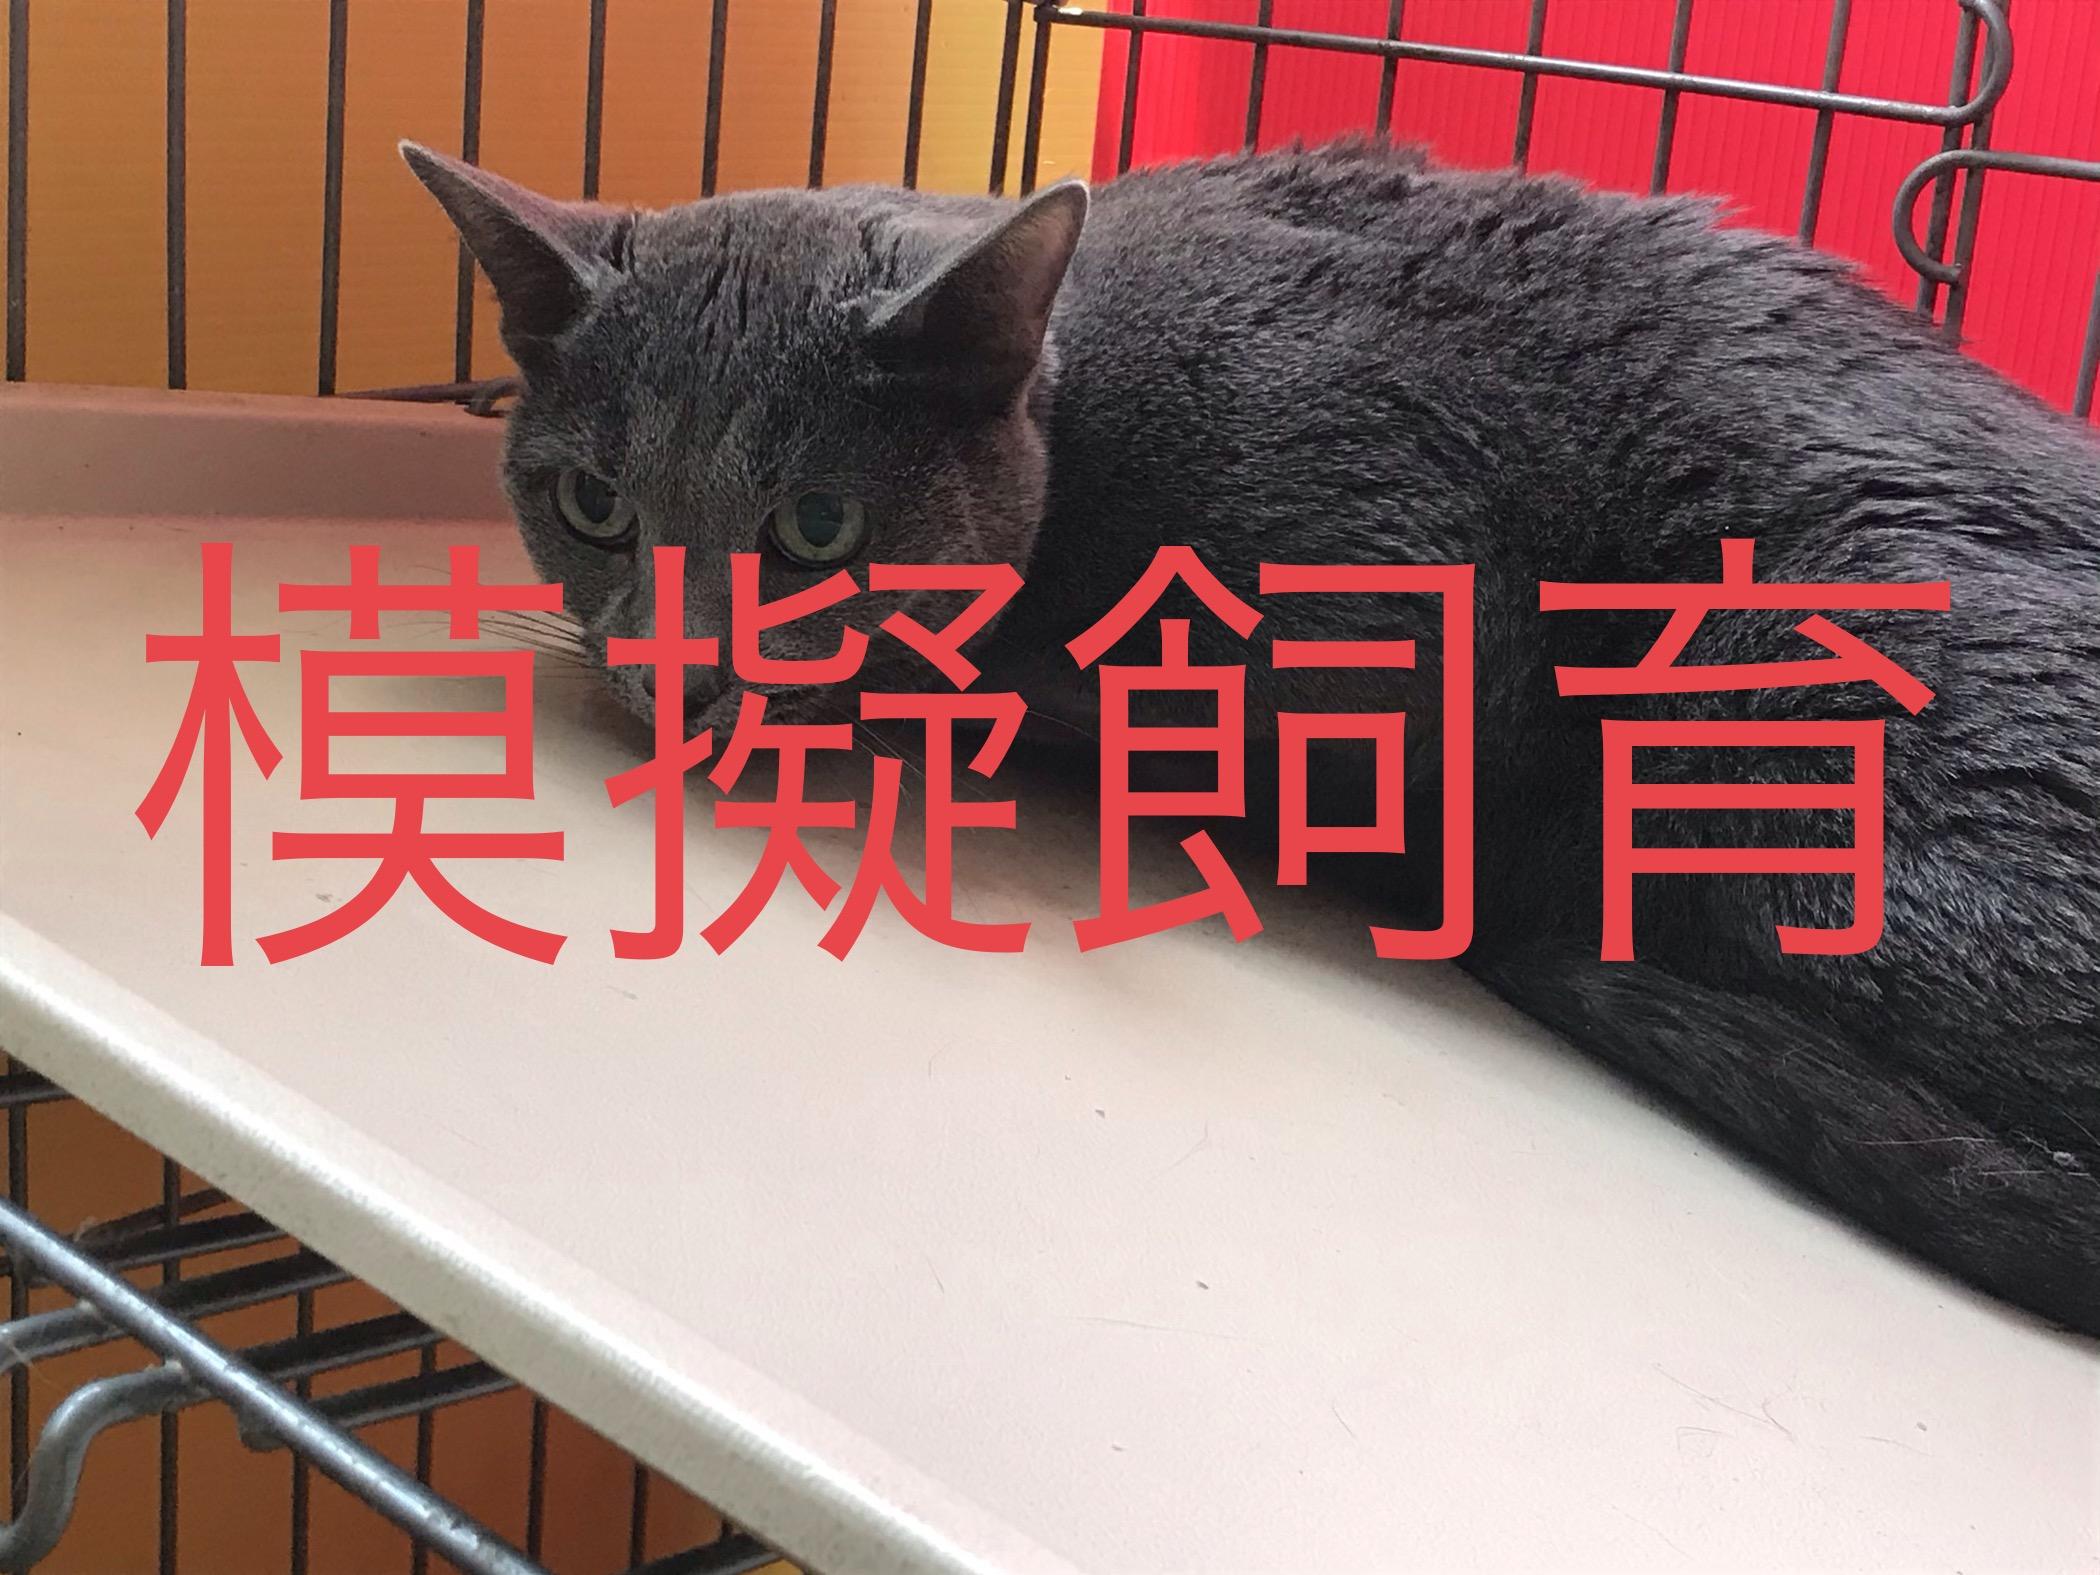 <p></p> <ul> <li>猫種:ロシアンブルー</li> <li>性別:男の子</li> <li>名前:クラロ</li> <li>年齢:2009年2月7日</li> <li>保護経緯:飼い主様が亡くなられたの為飼育困難になりました</li> </ul>